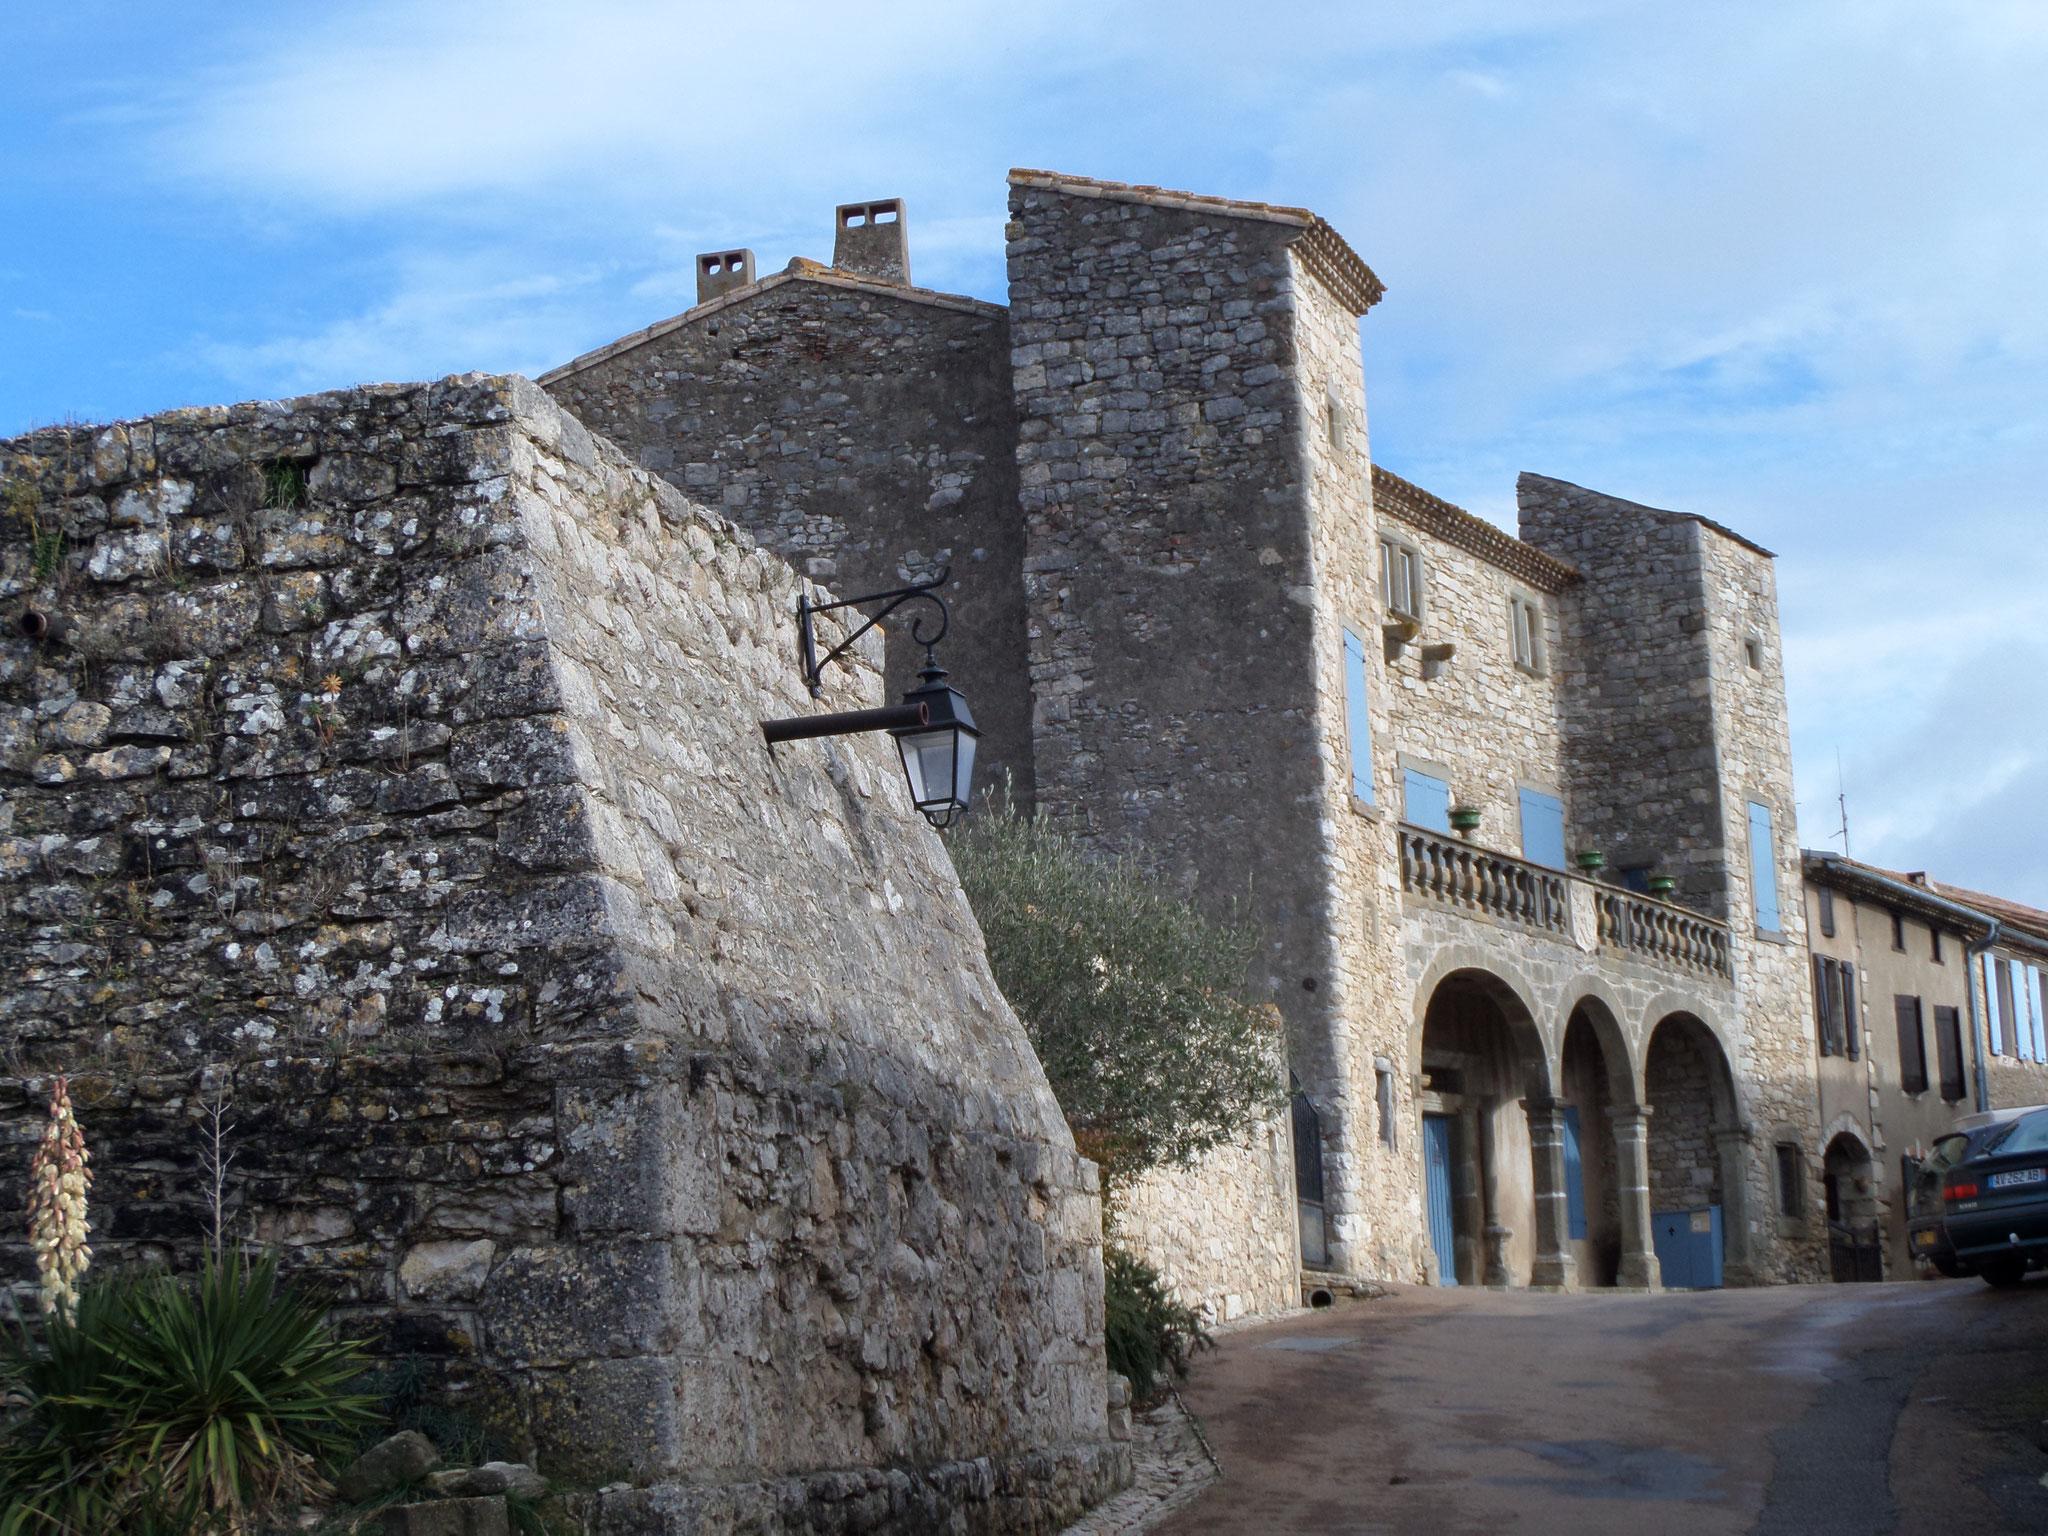 le chateau d'Aragon (11)